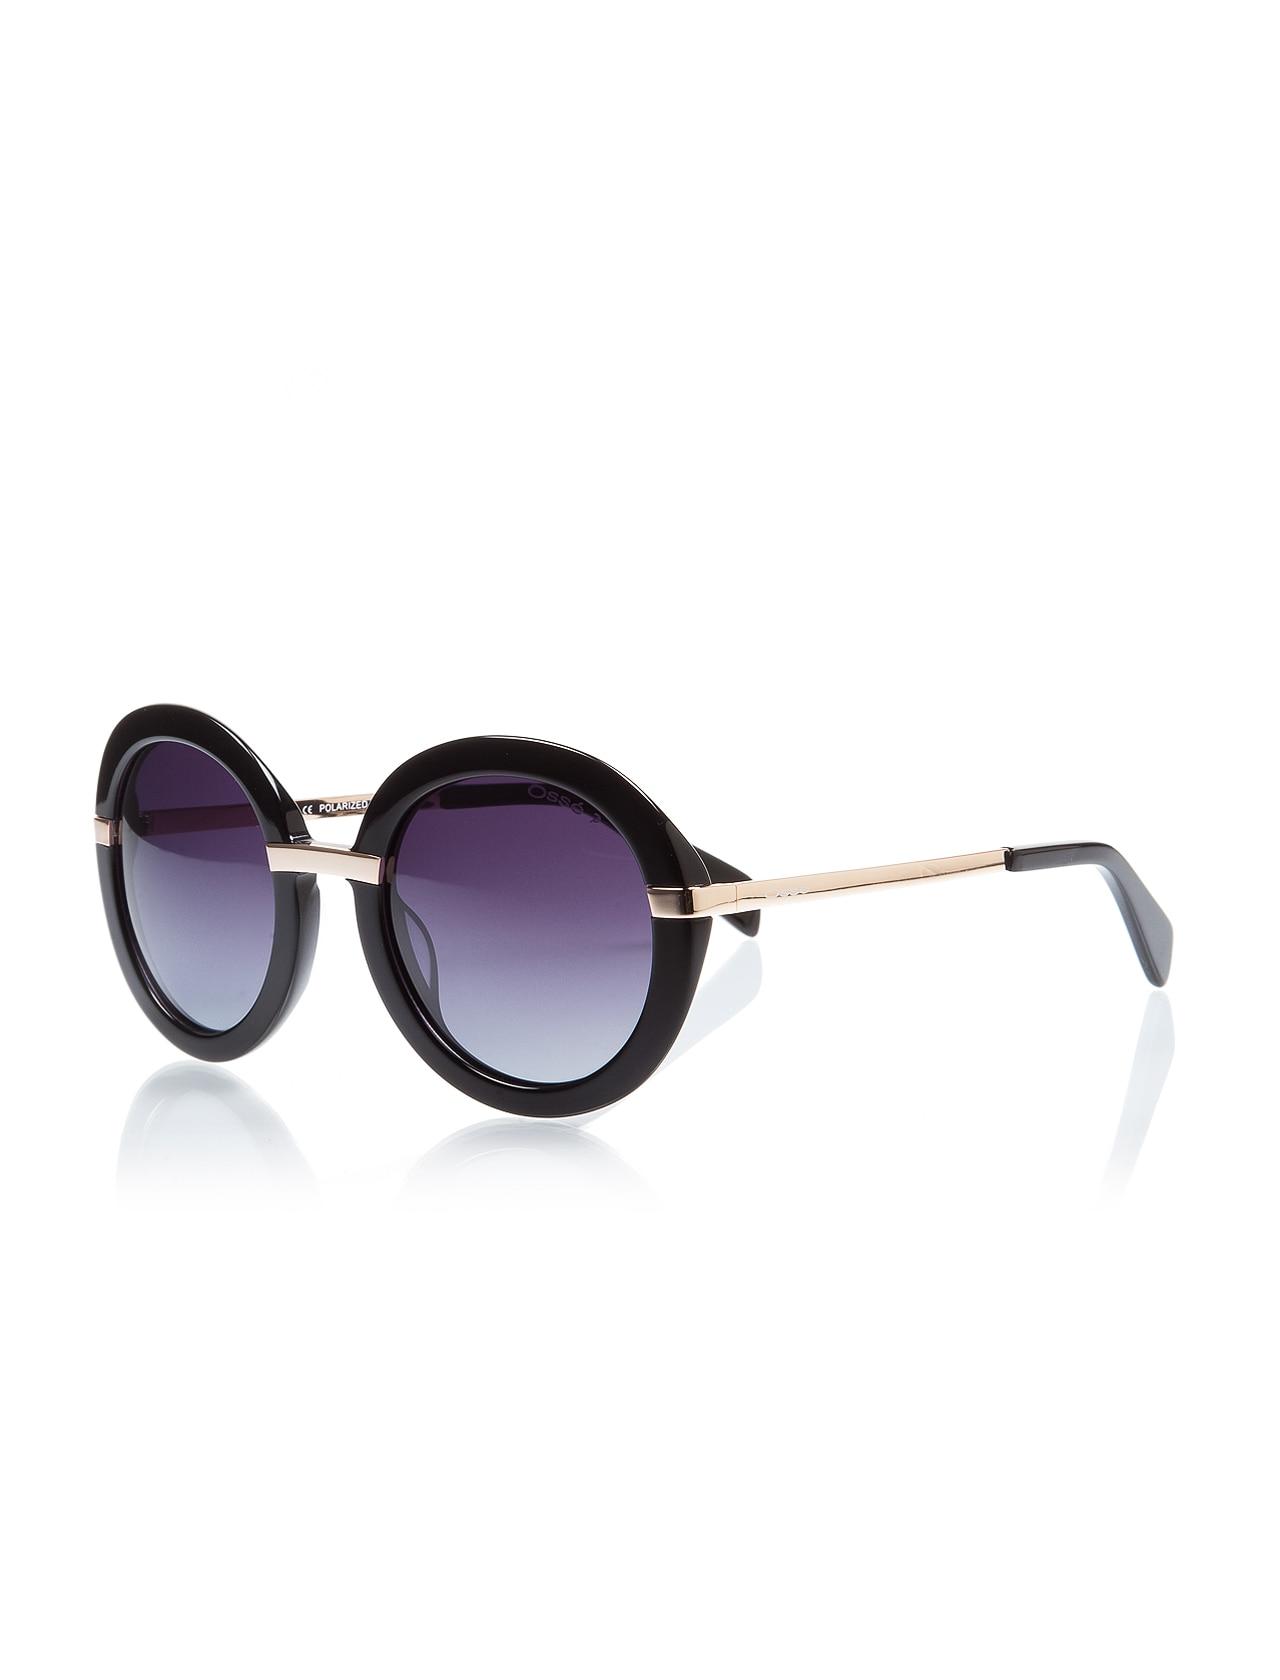 Women's sunglasses os 2273 04 bone black organic round round 51-24-140 osse